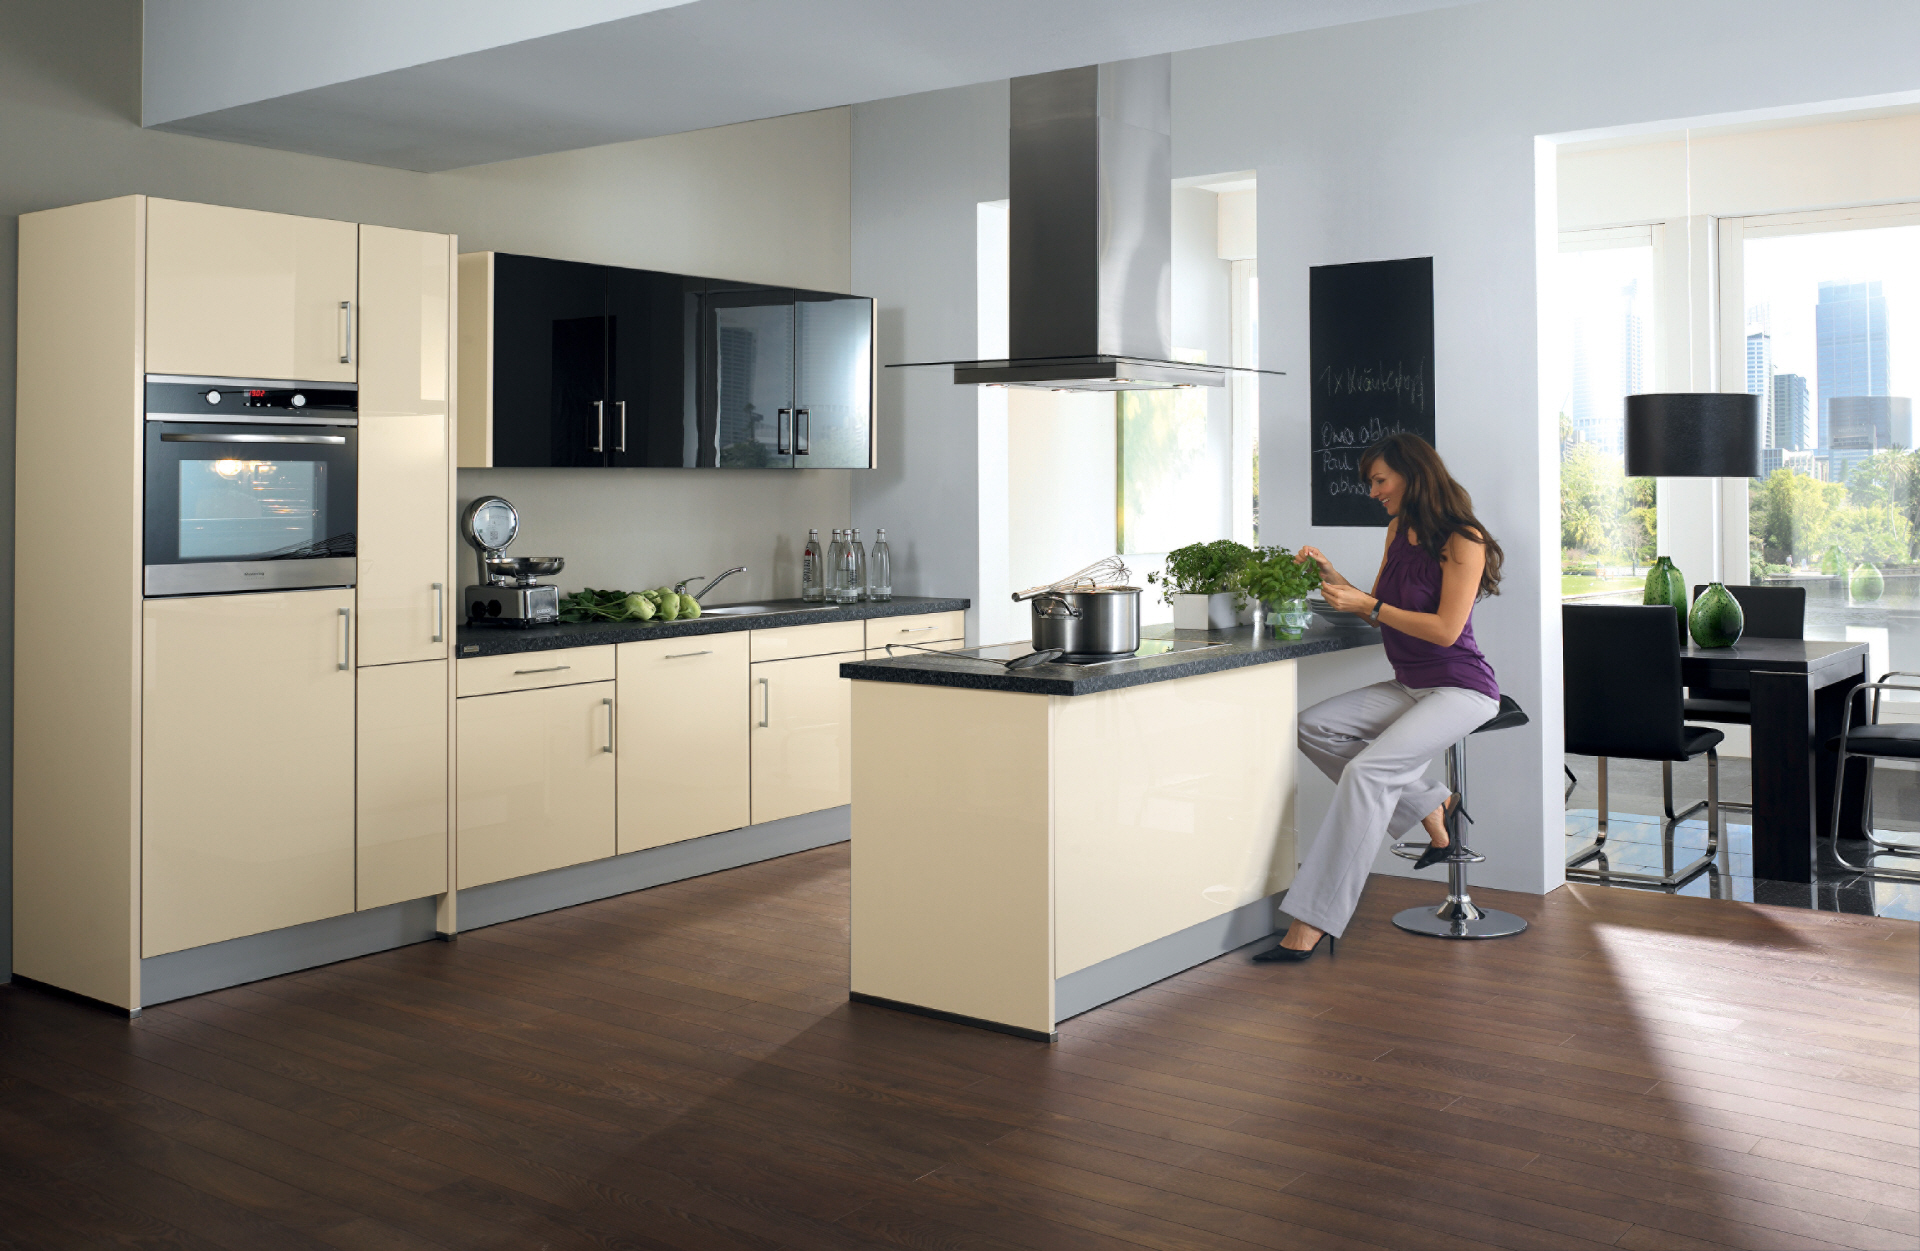 Einbaugeräte  Einbaugeräte von Küppersbusch und Miele päsentiert vom Küchenprofi ...